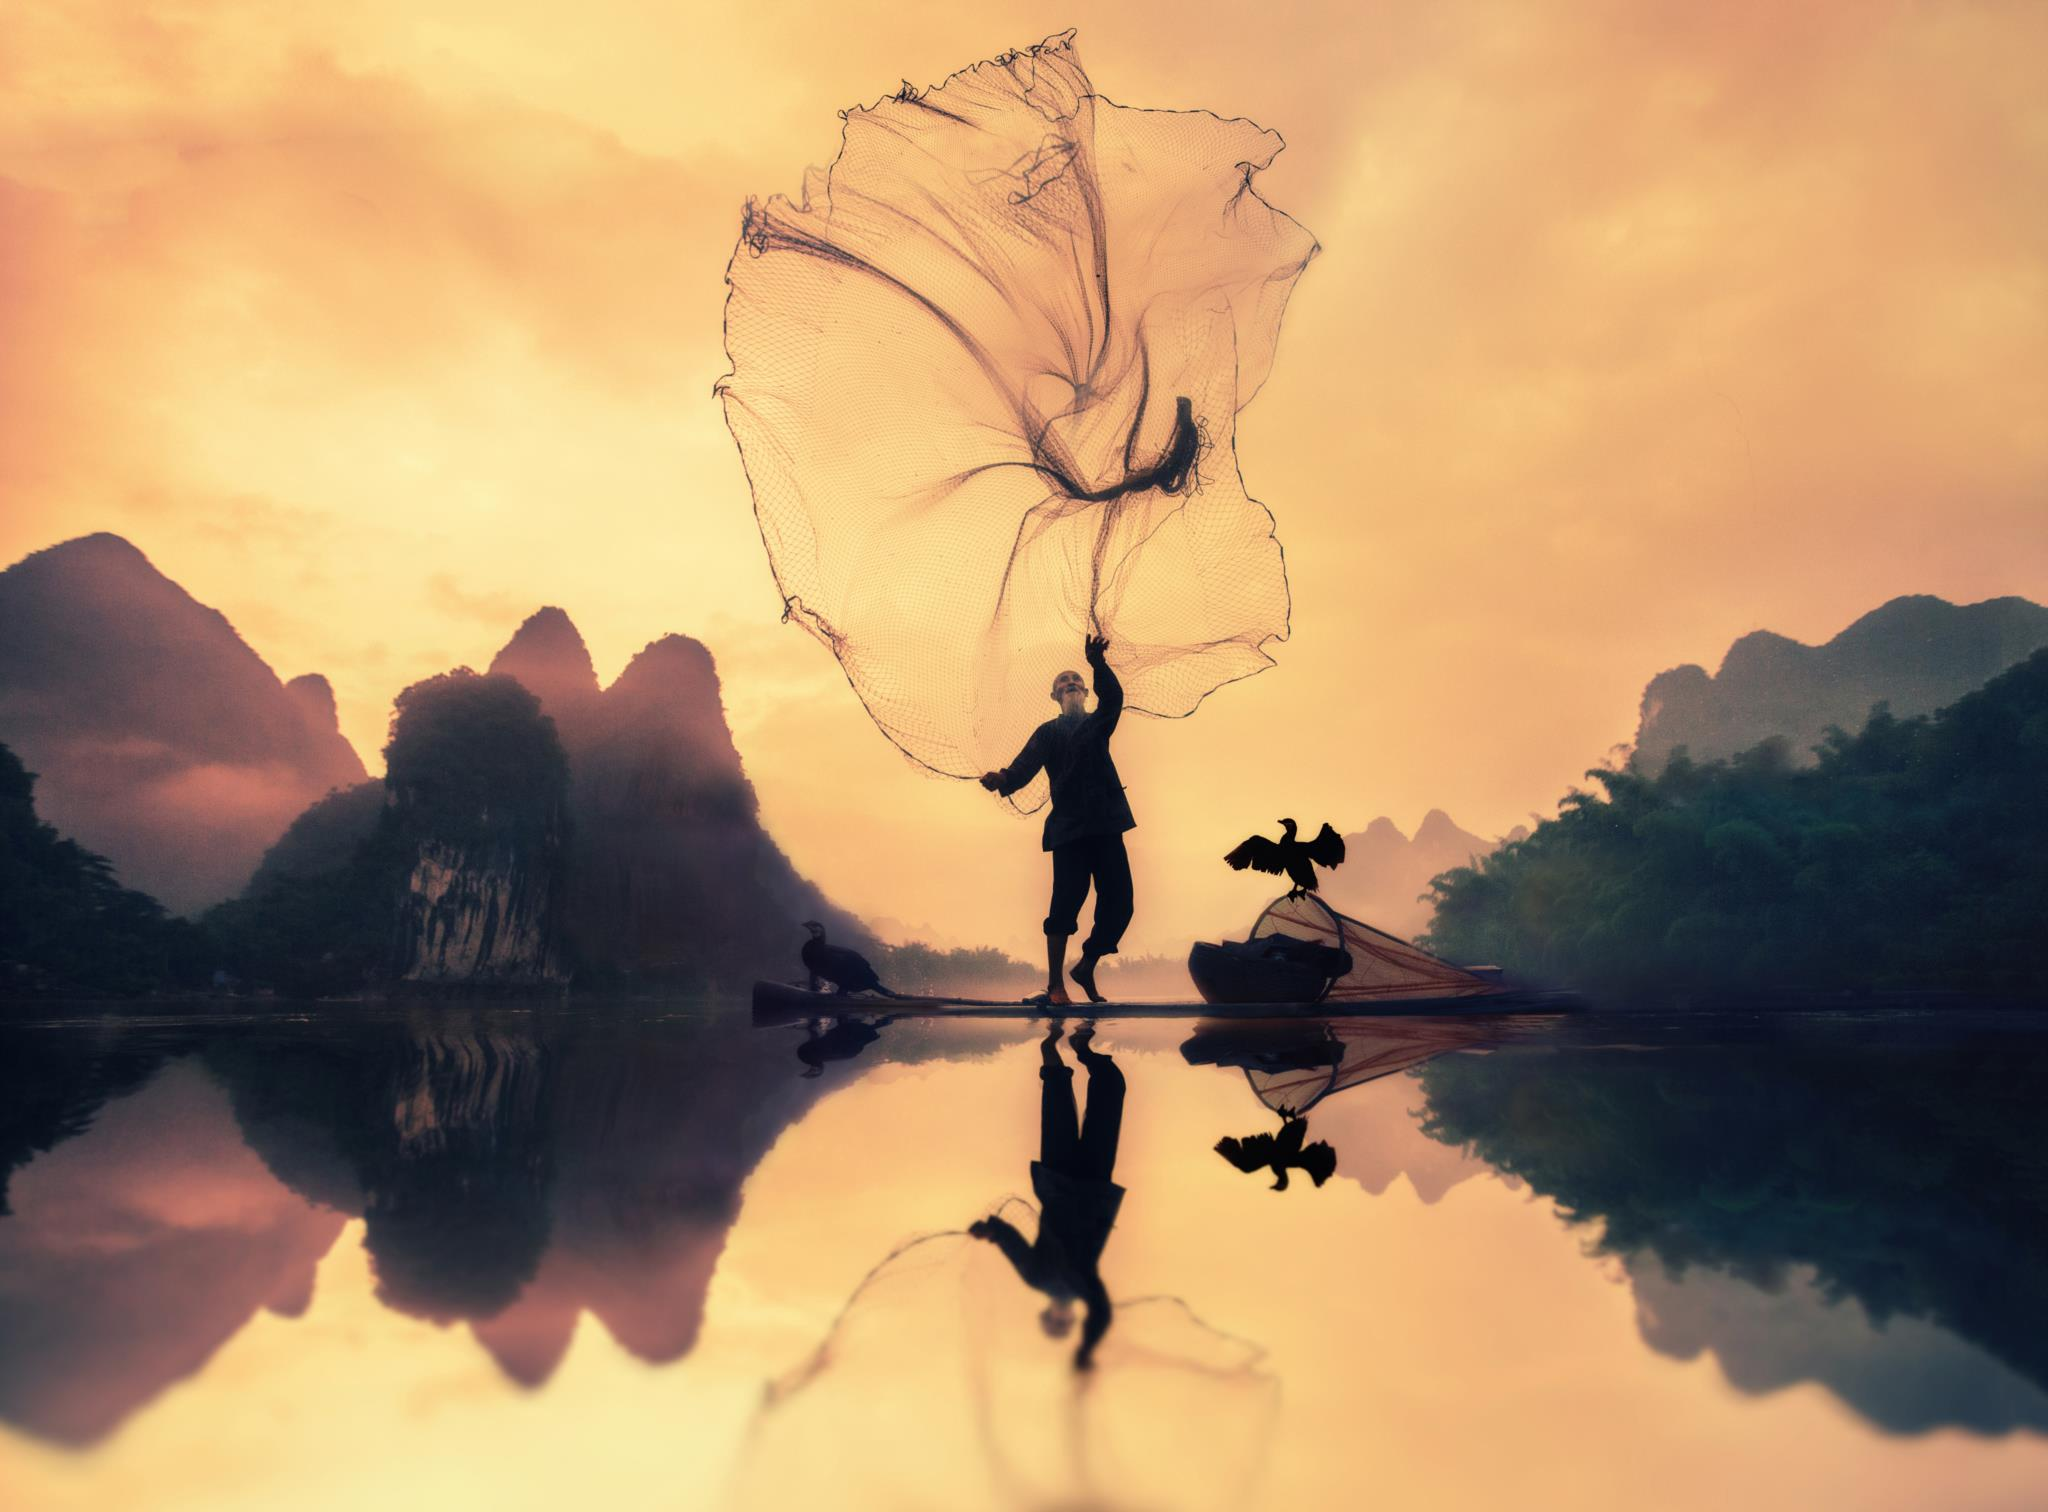 Pescador tradicional na China (1.º prémio - Arábia Saudita)